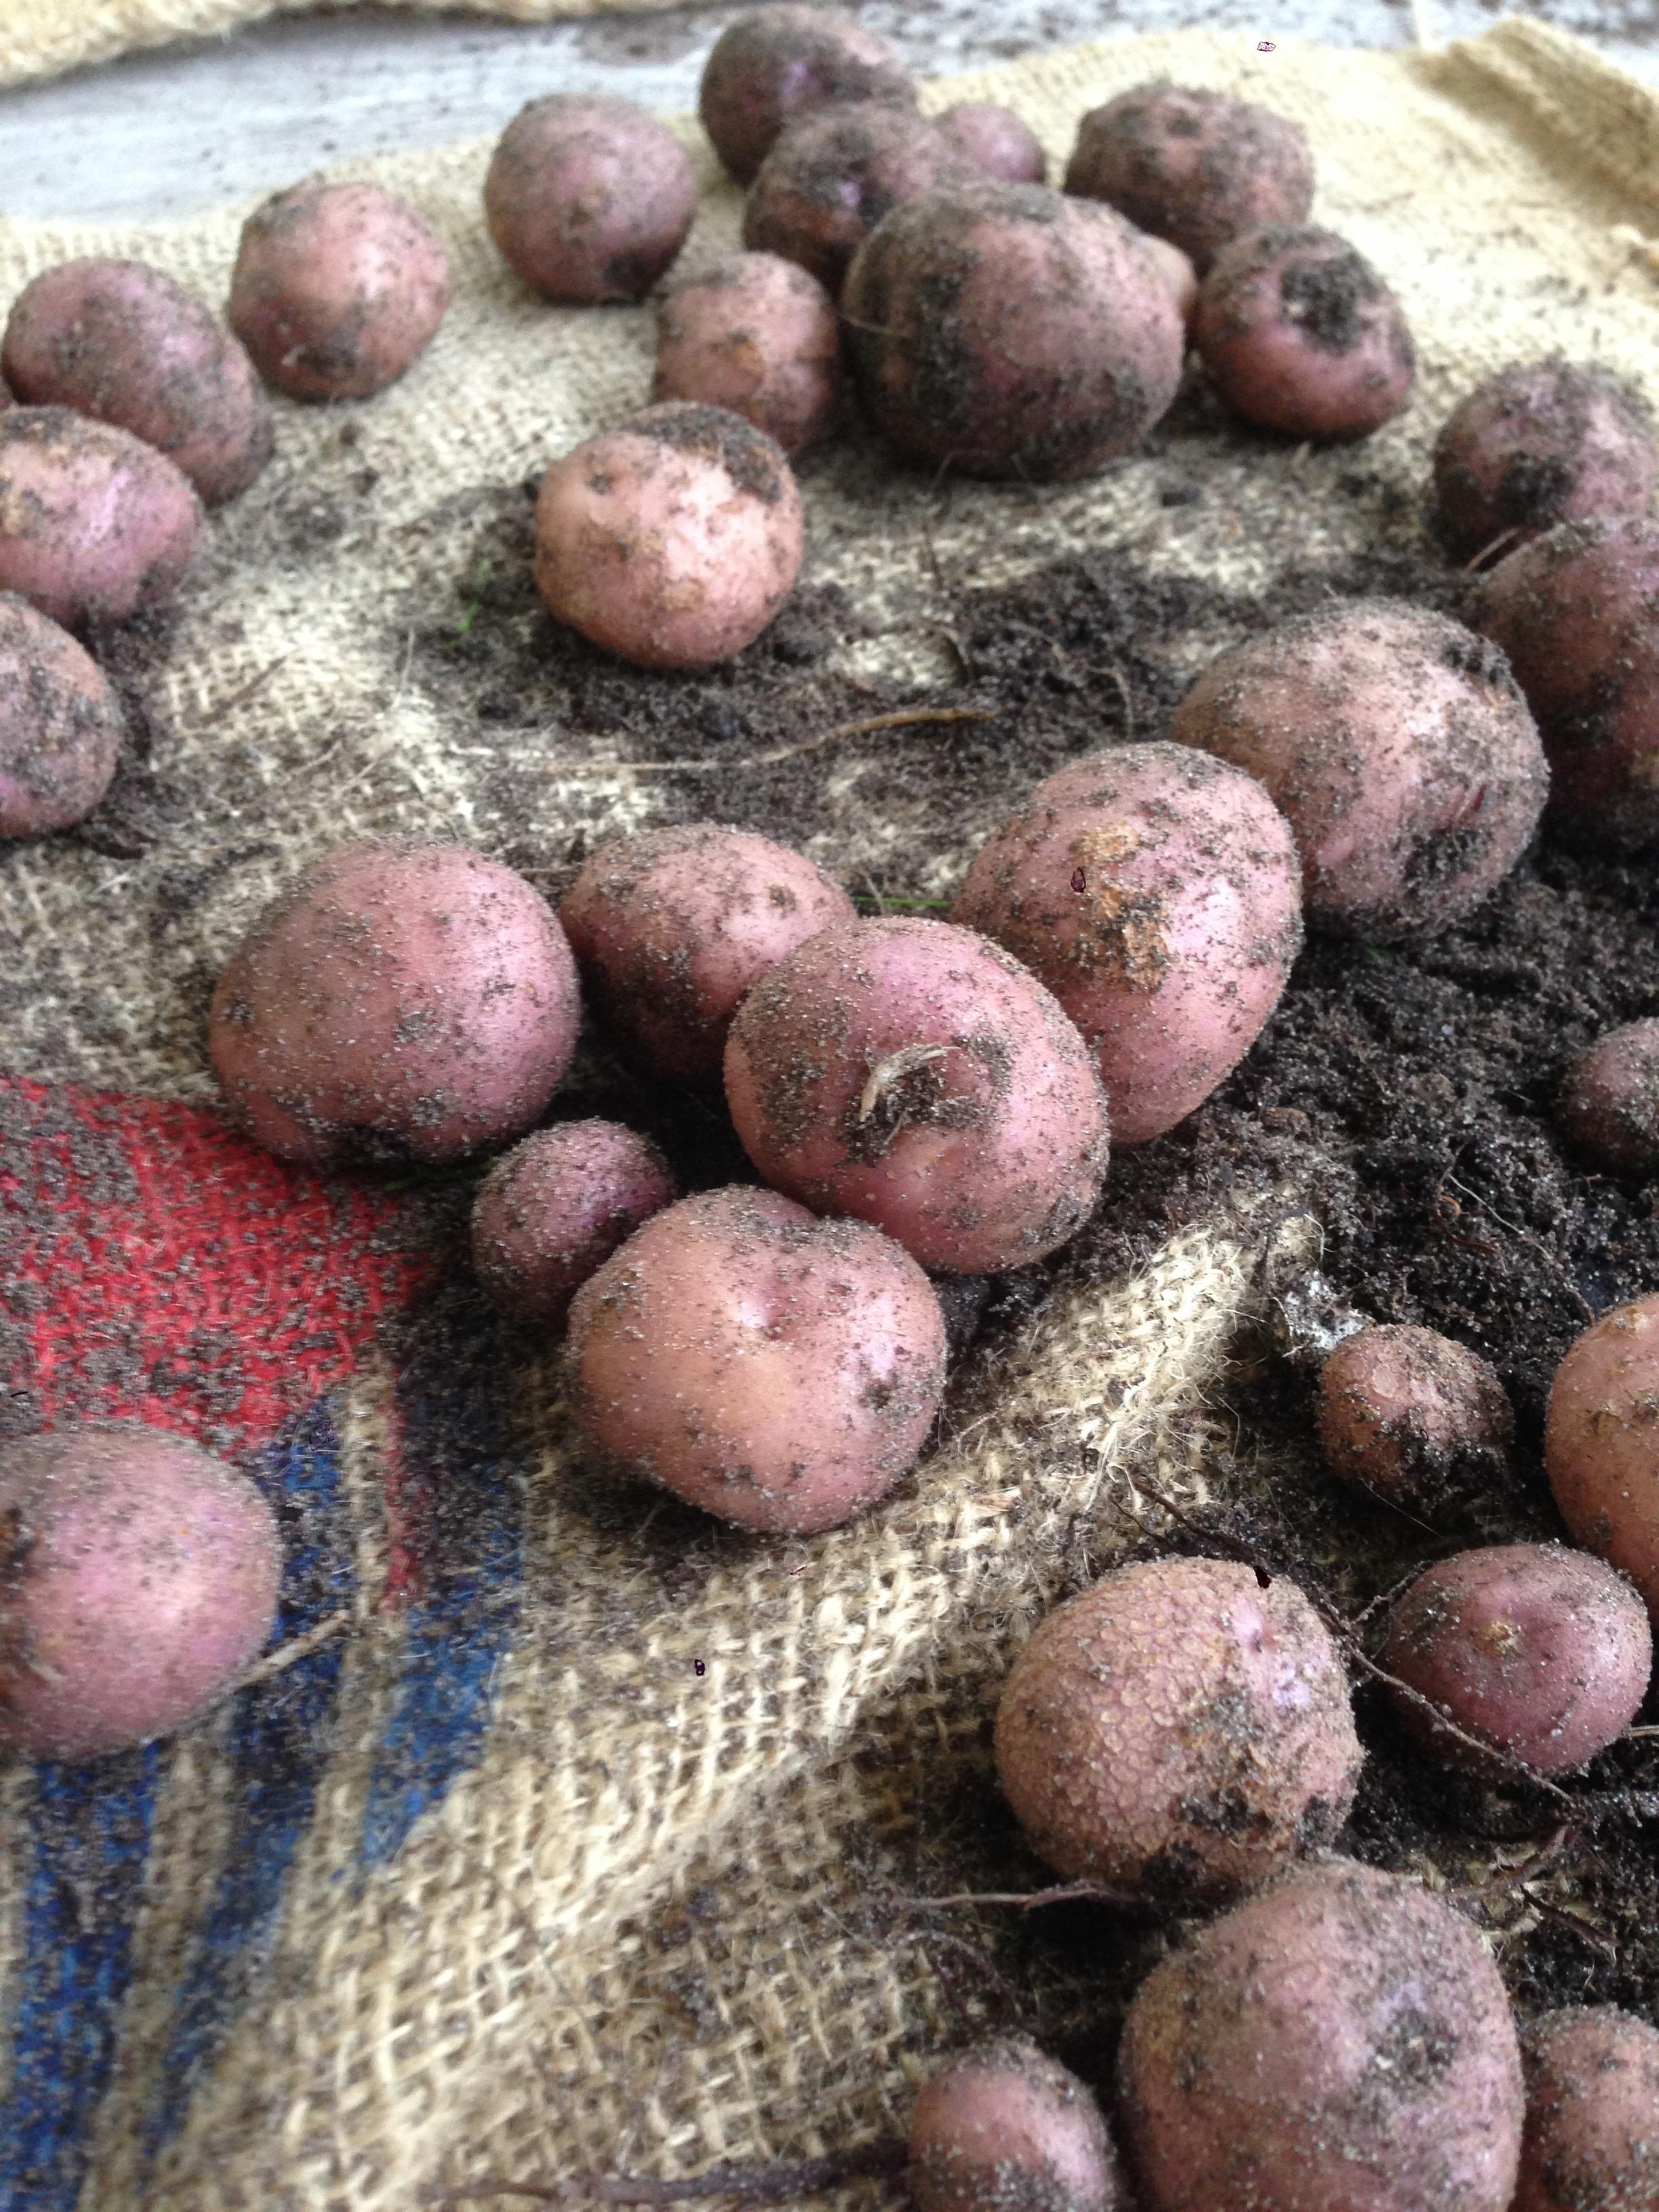 Koopman's blauwe (op één na favoriete aardappel, wegens de ontzettend goeie smaak)